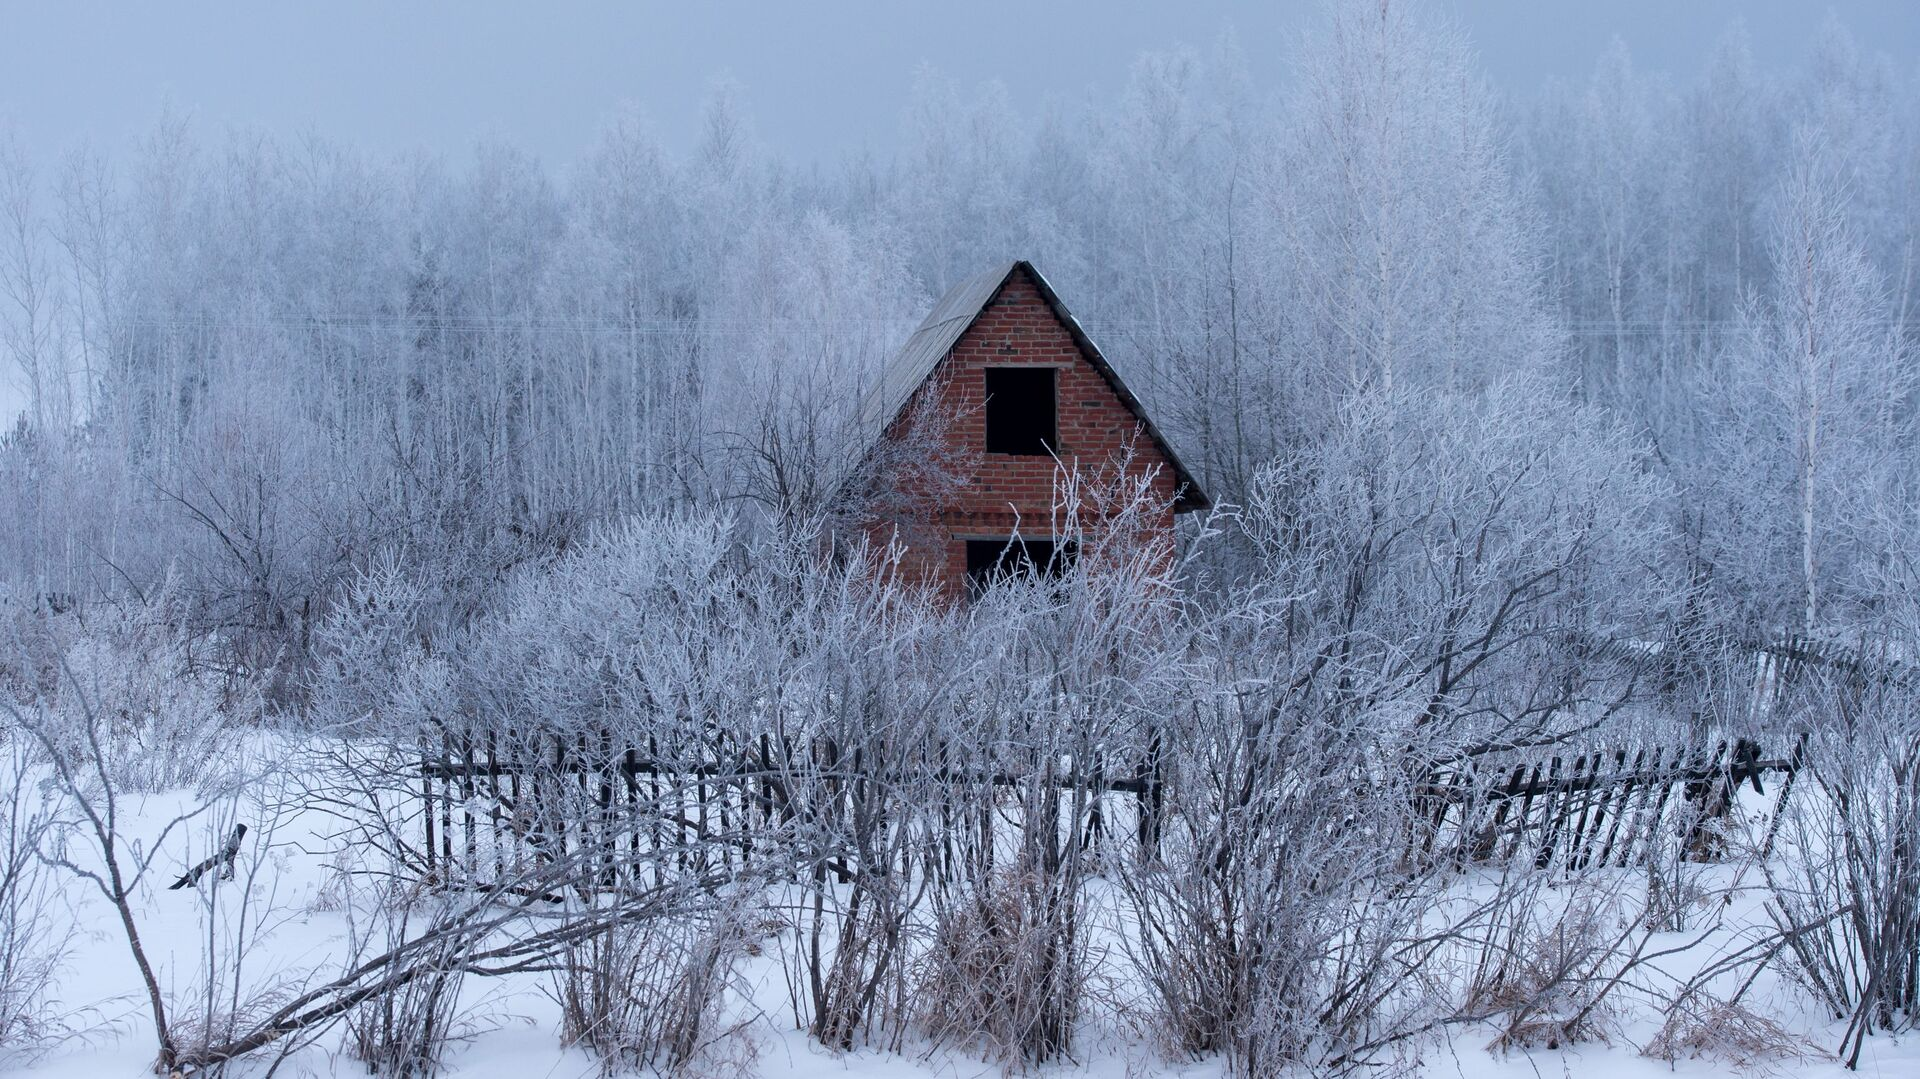 Недостроенная дача в Омской области - РИА Новости, 1920, 15.11.2019